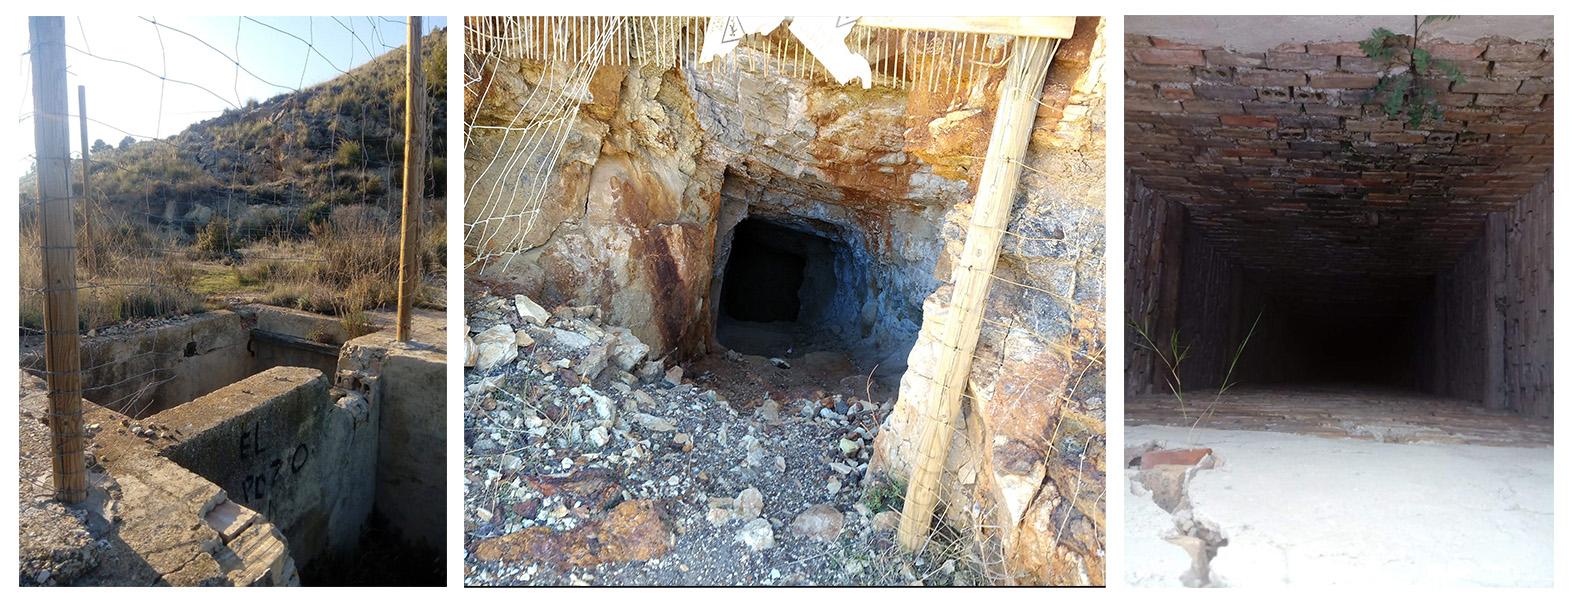 Actualización del inventario de pozos mineros abandonados de la Región de Murcia